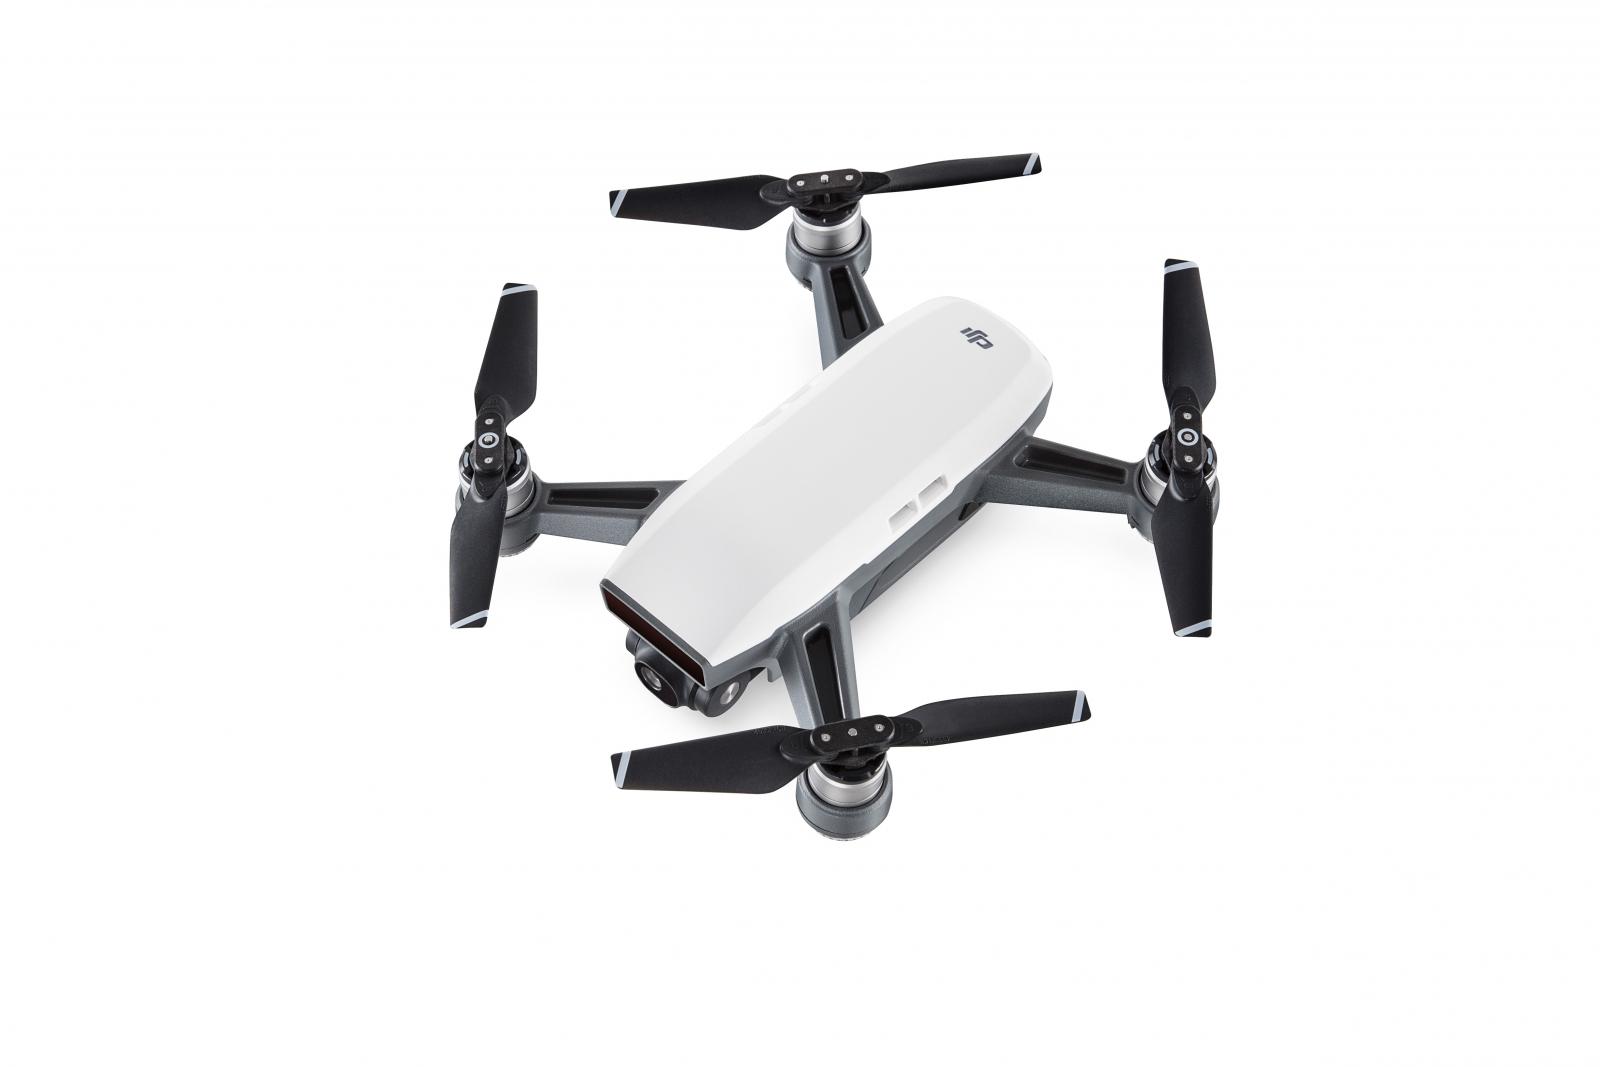 https://d.ibtimes.co.uk/en/full/1615215/dji-spark-drone-white.jpg?w=400&h=400&l=50&t=40